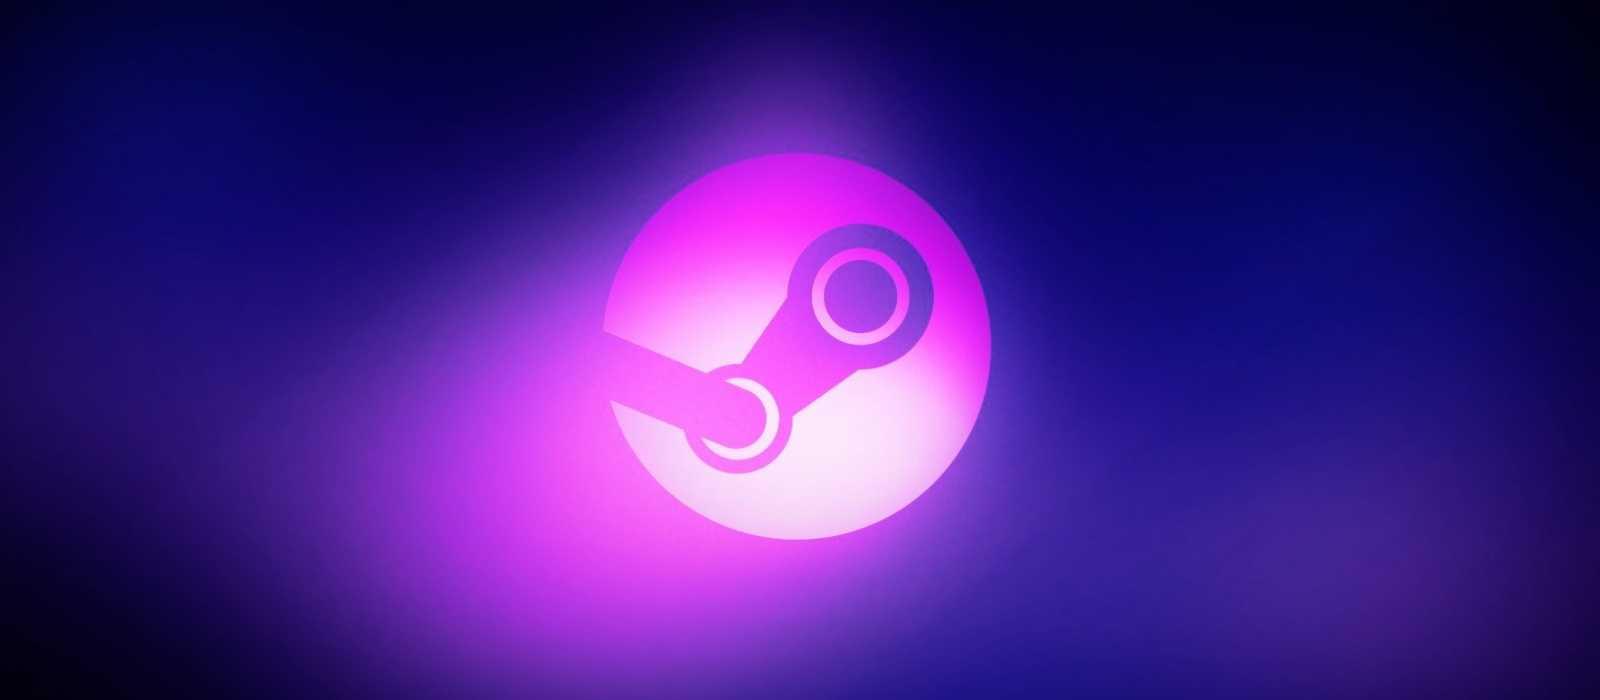 Freebie: Auf Steam werden wie vor 30 Jahren zwei Spiele mit Grafiken sofort kostenlos verteilt